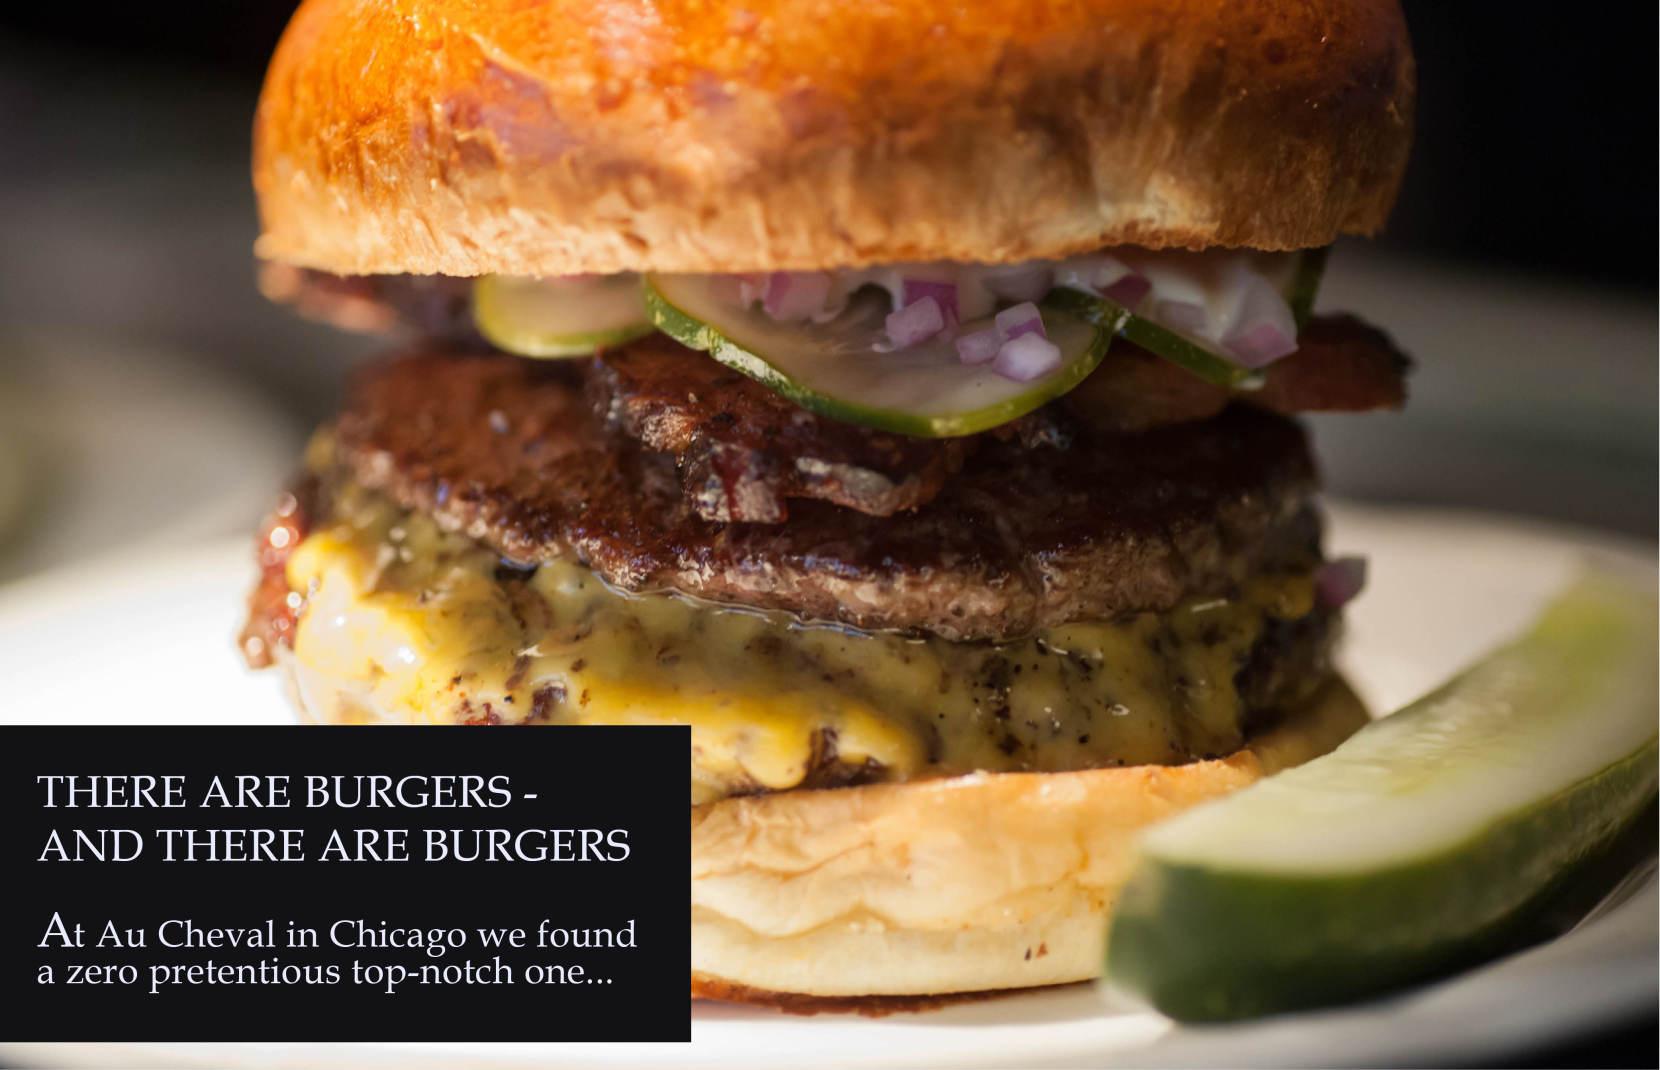 WTL_Restaurant_To_Watch_AuCheval_Chicago_USA